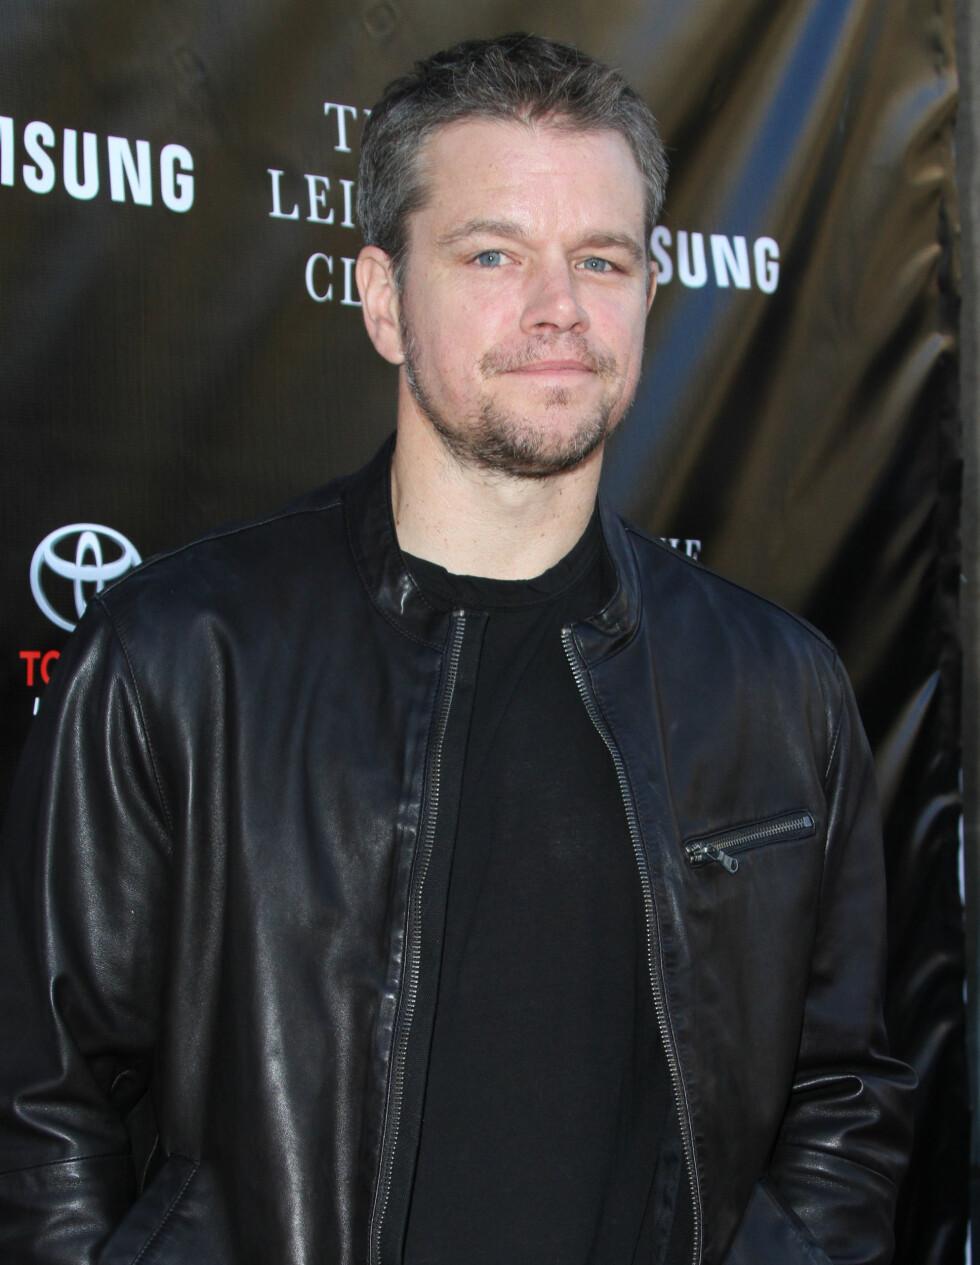 SUKSESS: Damon har spilt i tre av de fire Bourne-filmene, med stor suksess. Foto: wenn.com